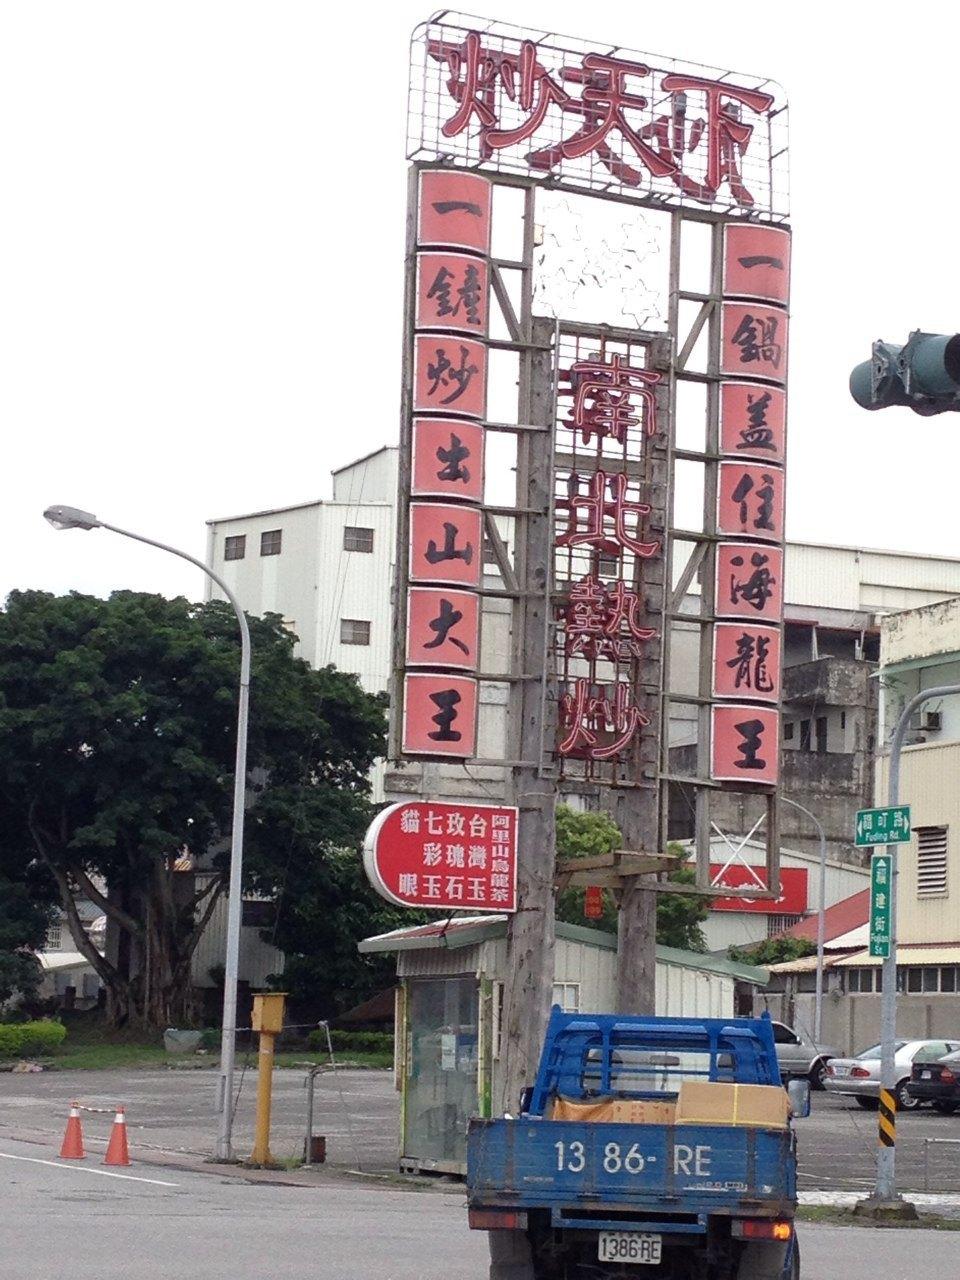 手绘台湾旅